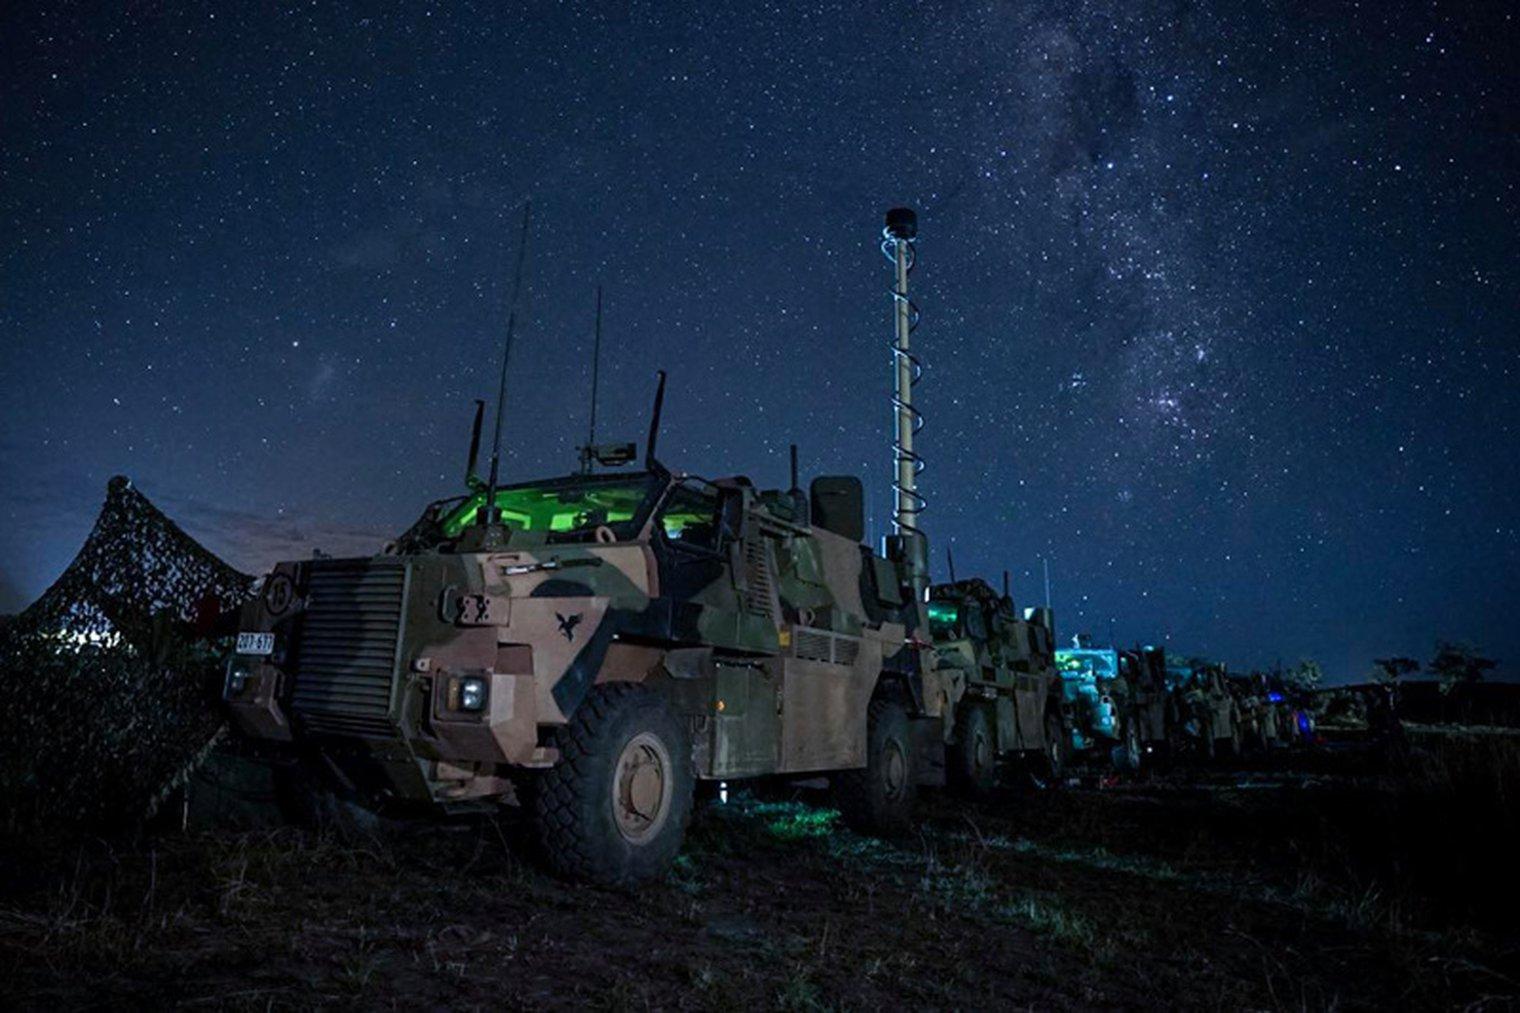 PREMIUM: Australian Army to acquire EW attack capability - Digital ...